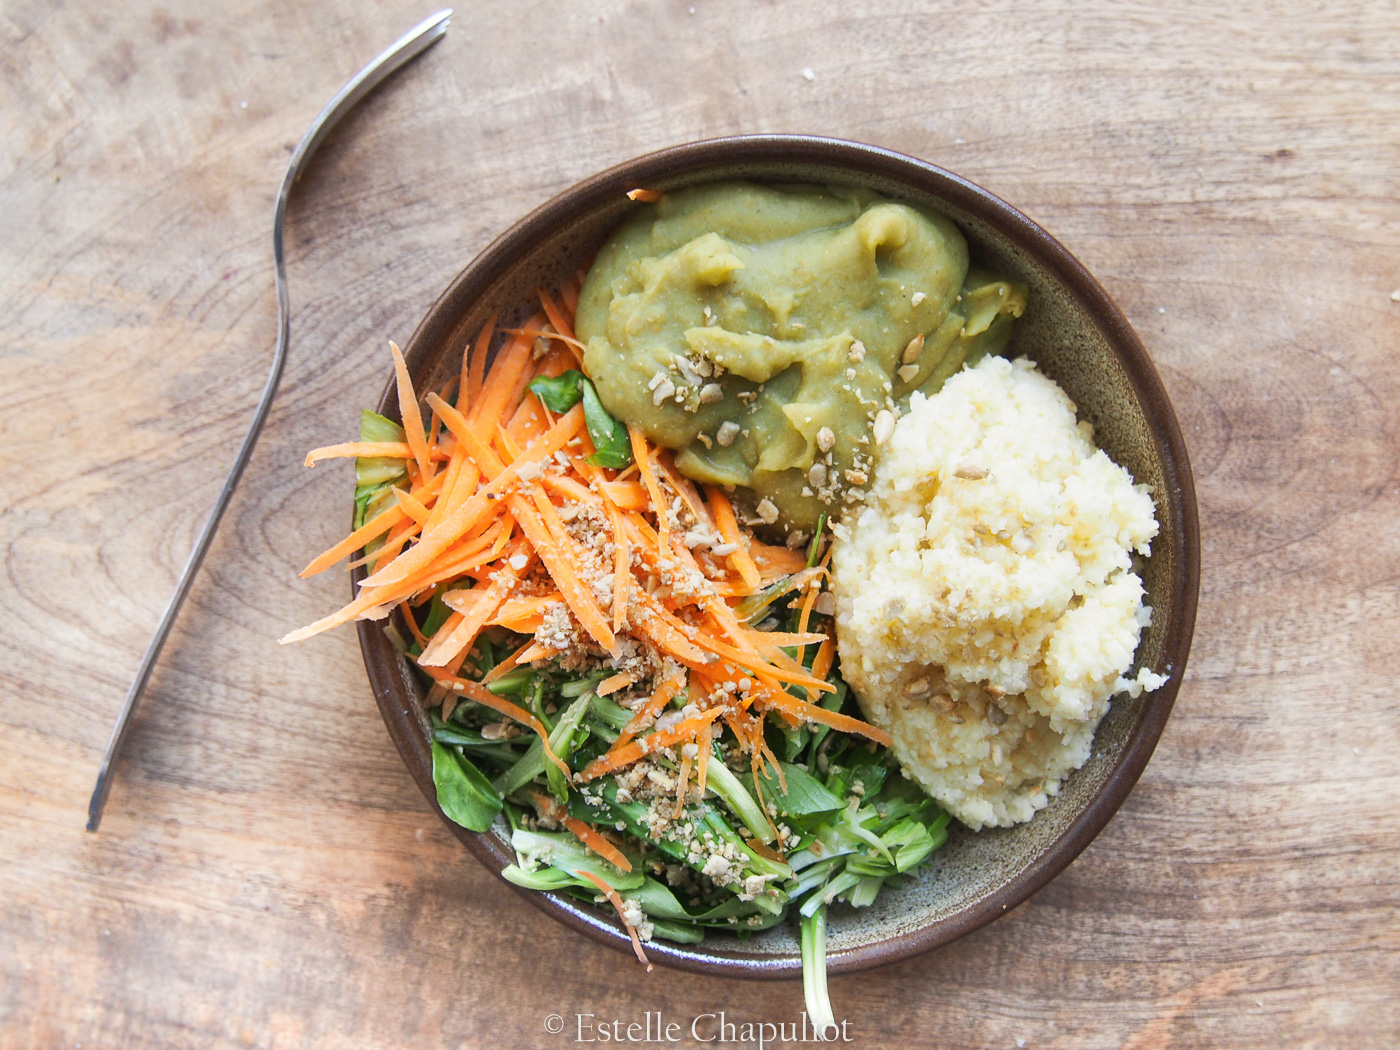 Purée de pois cassés à la carotte, millet, carottes râpées, salade et sauce au miso (végétal et sans gluten)